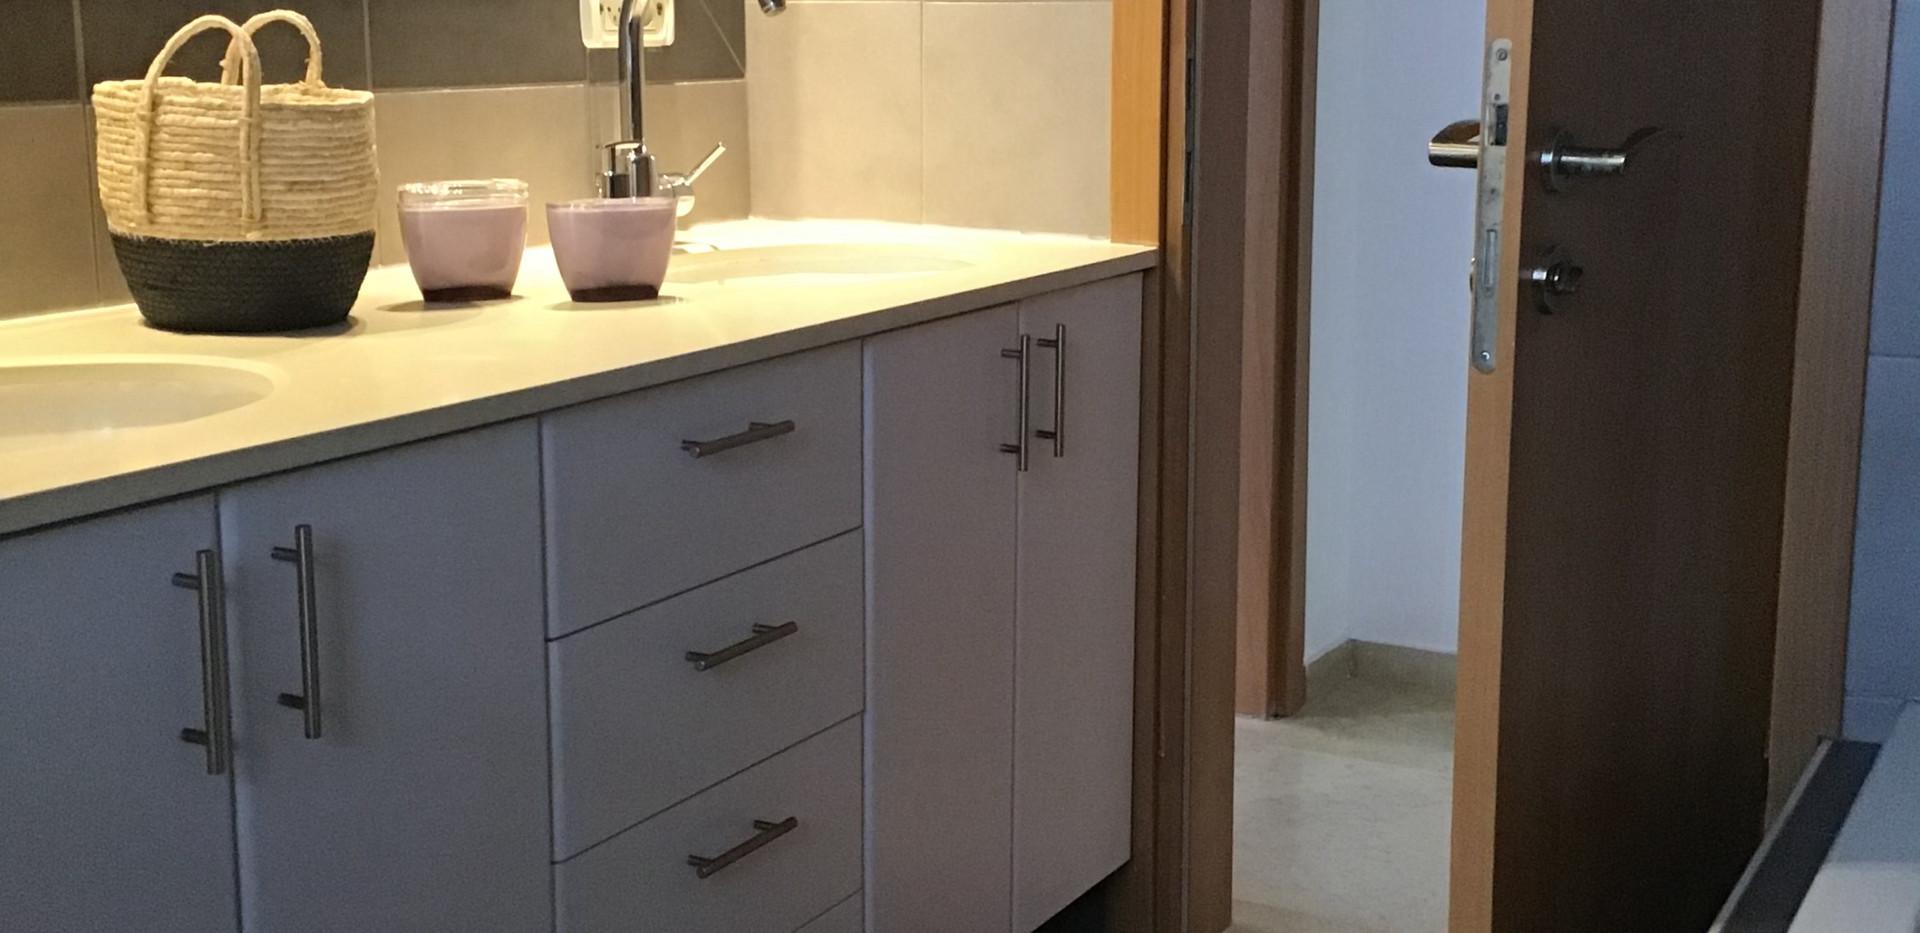 seconde Bathroom